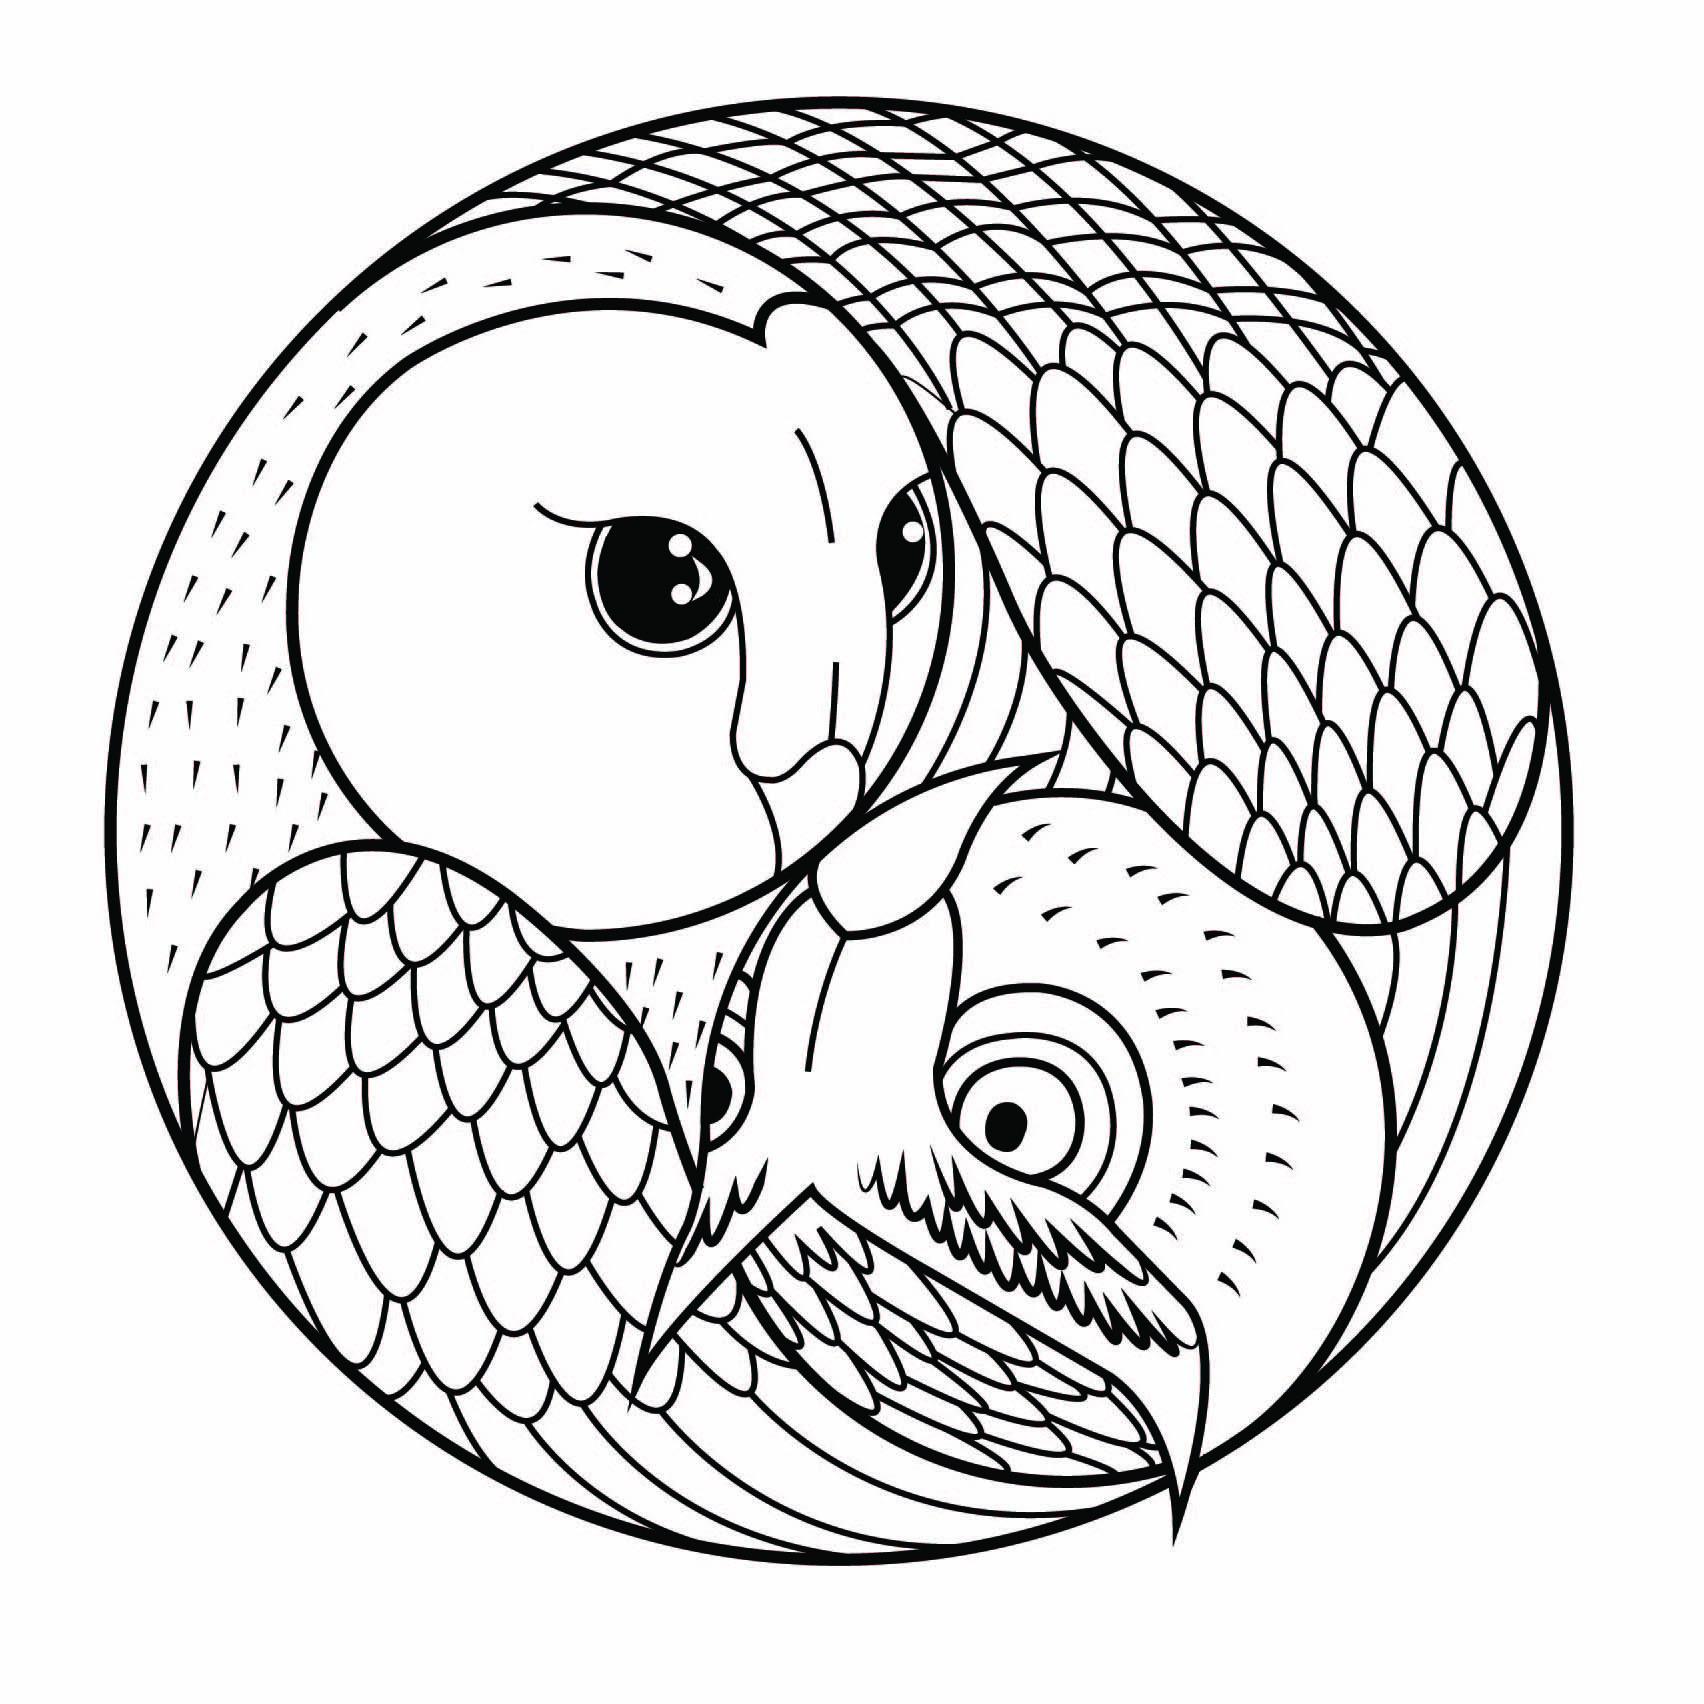 Un hibou et une chouette dans un joli Mandala